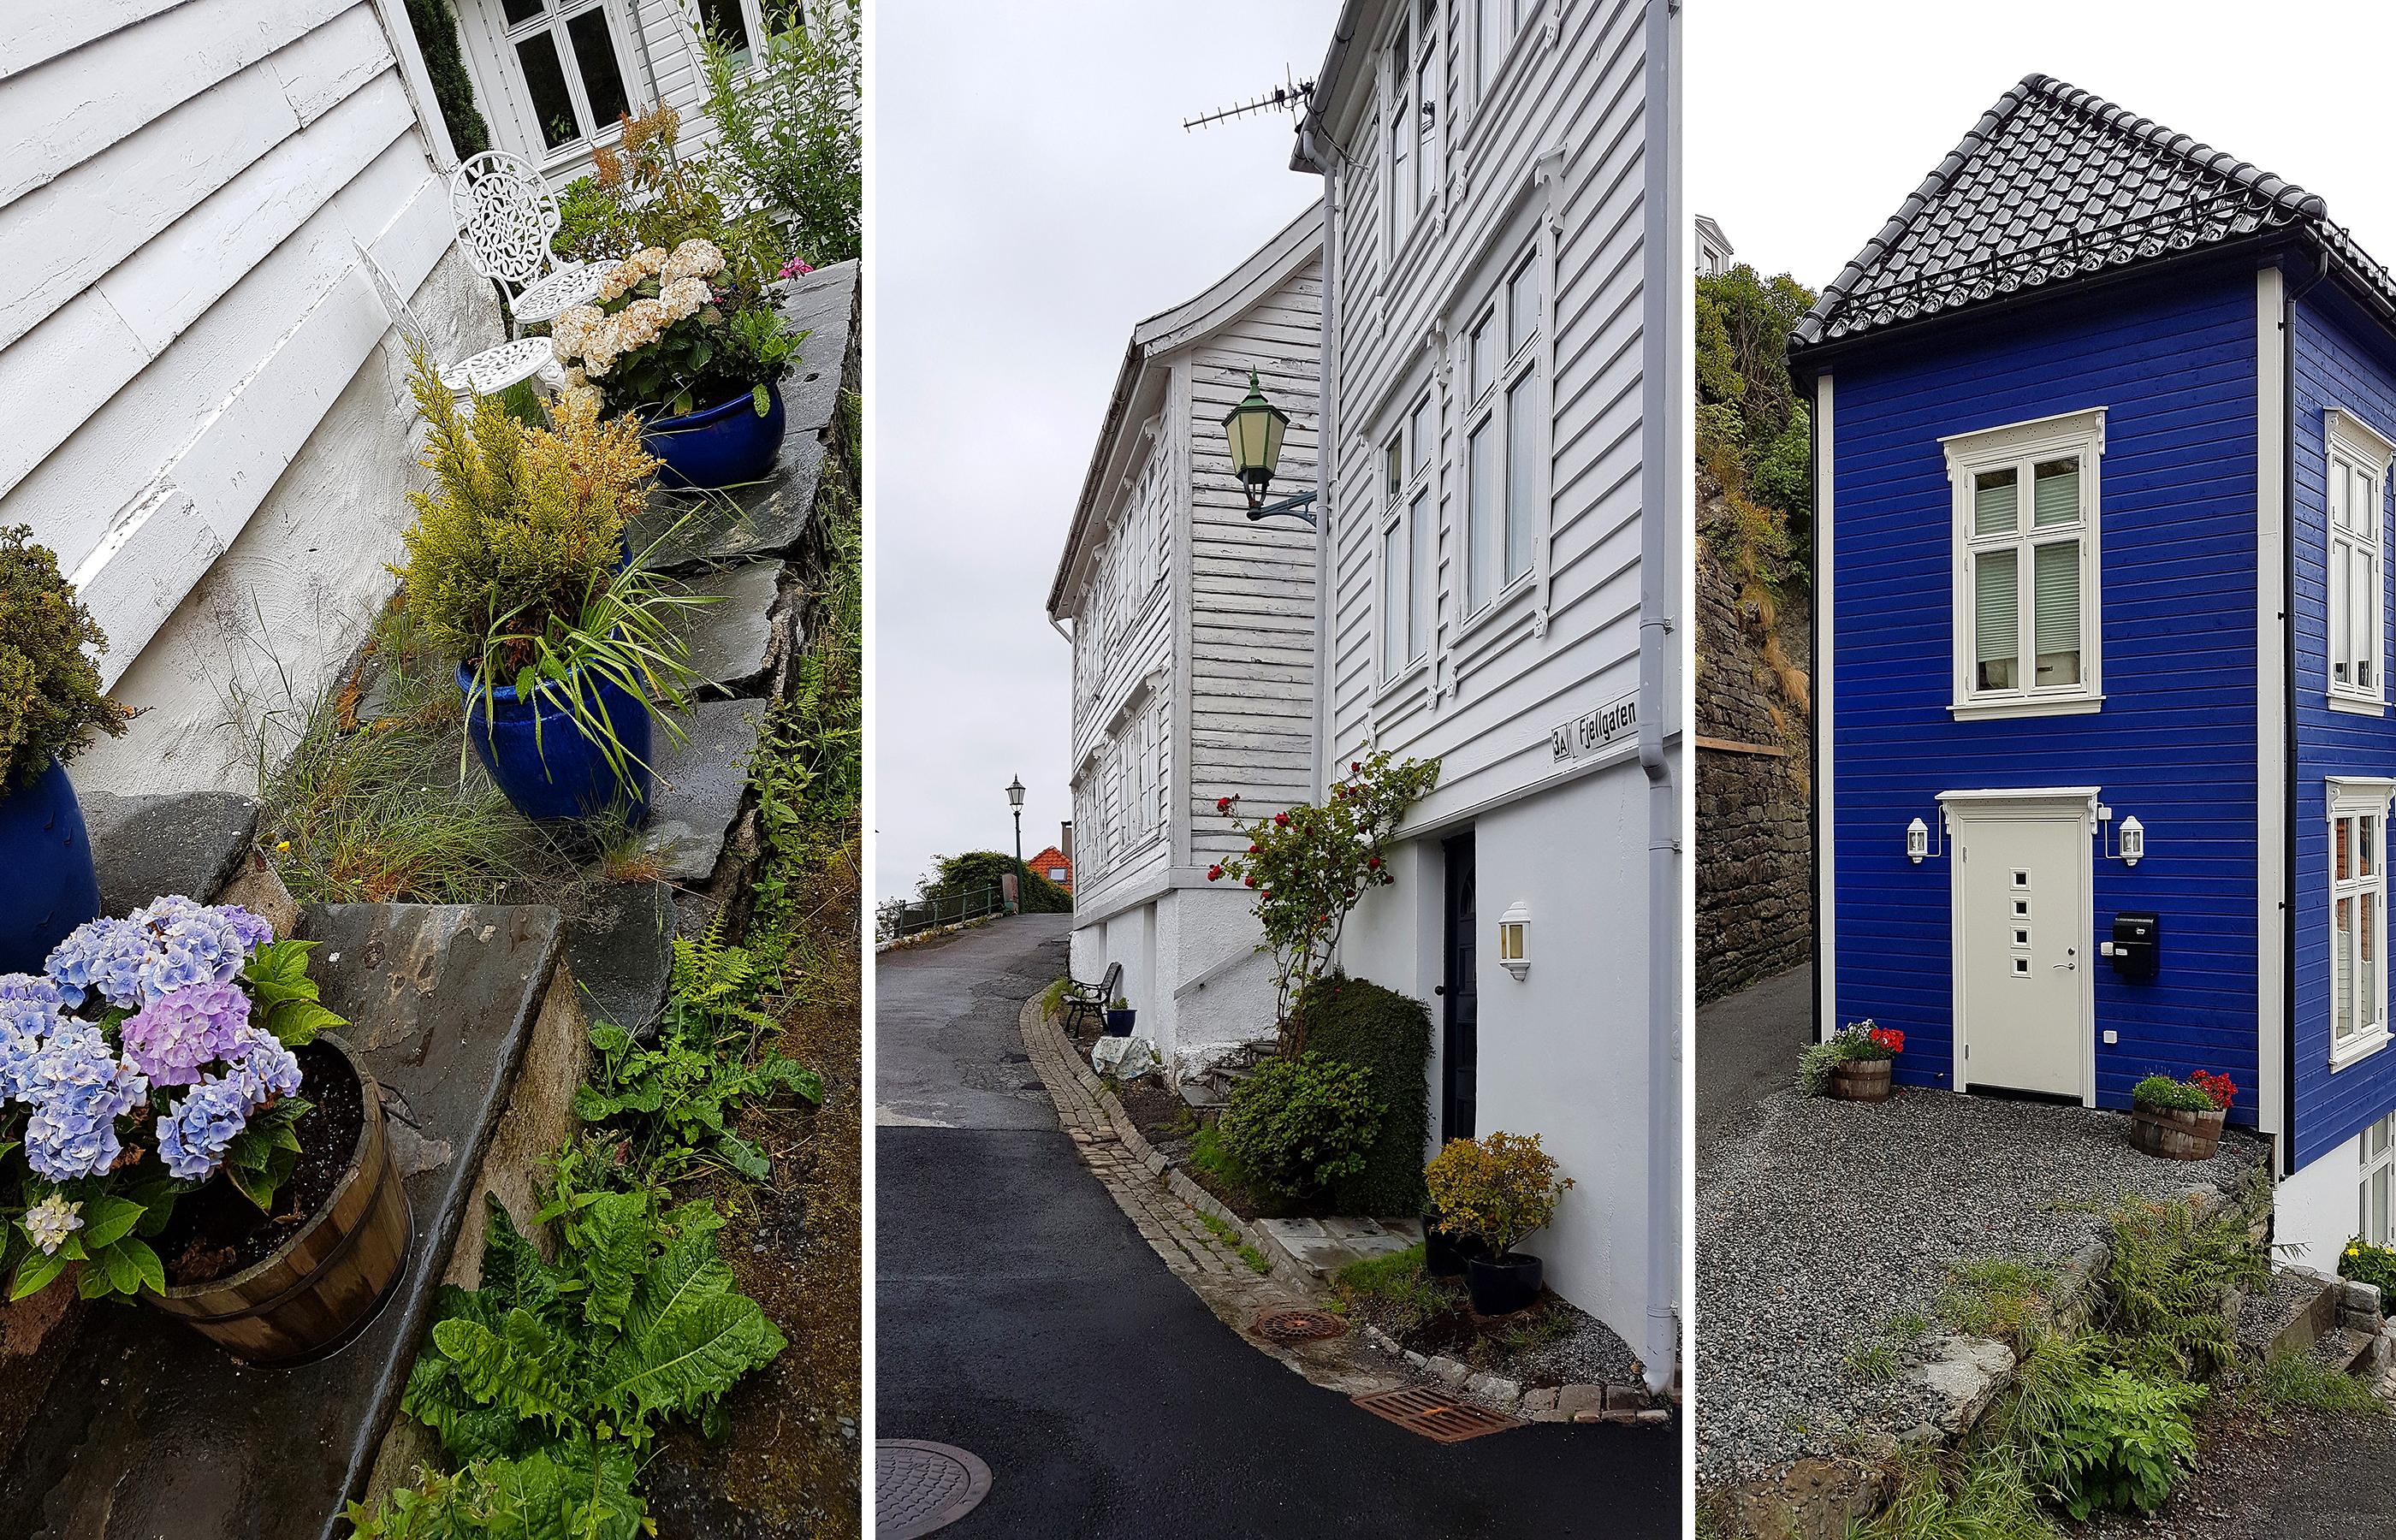 Узкие улочки Бергена. В каждом жителе живет дизайнер. Уж так тонко подобраны цвета фасадов домов и декора!